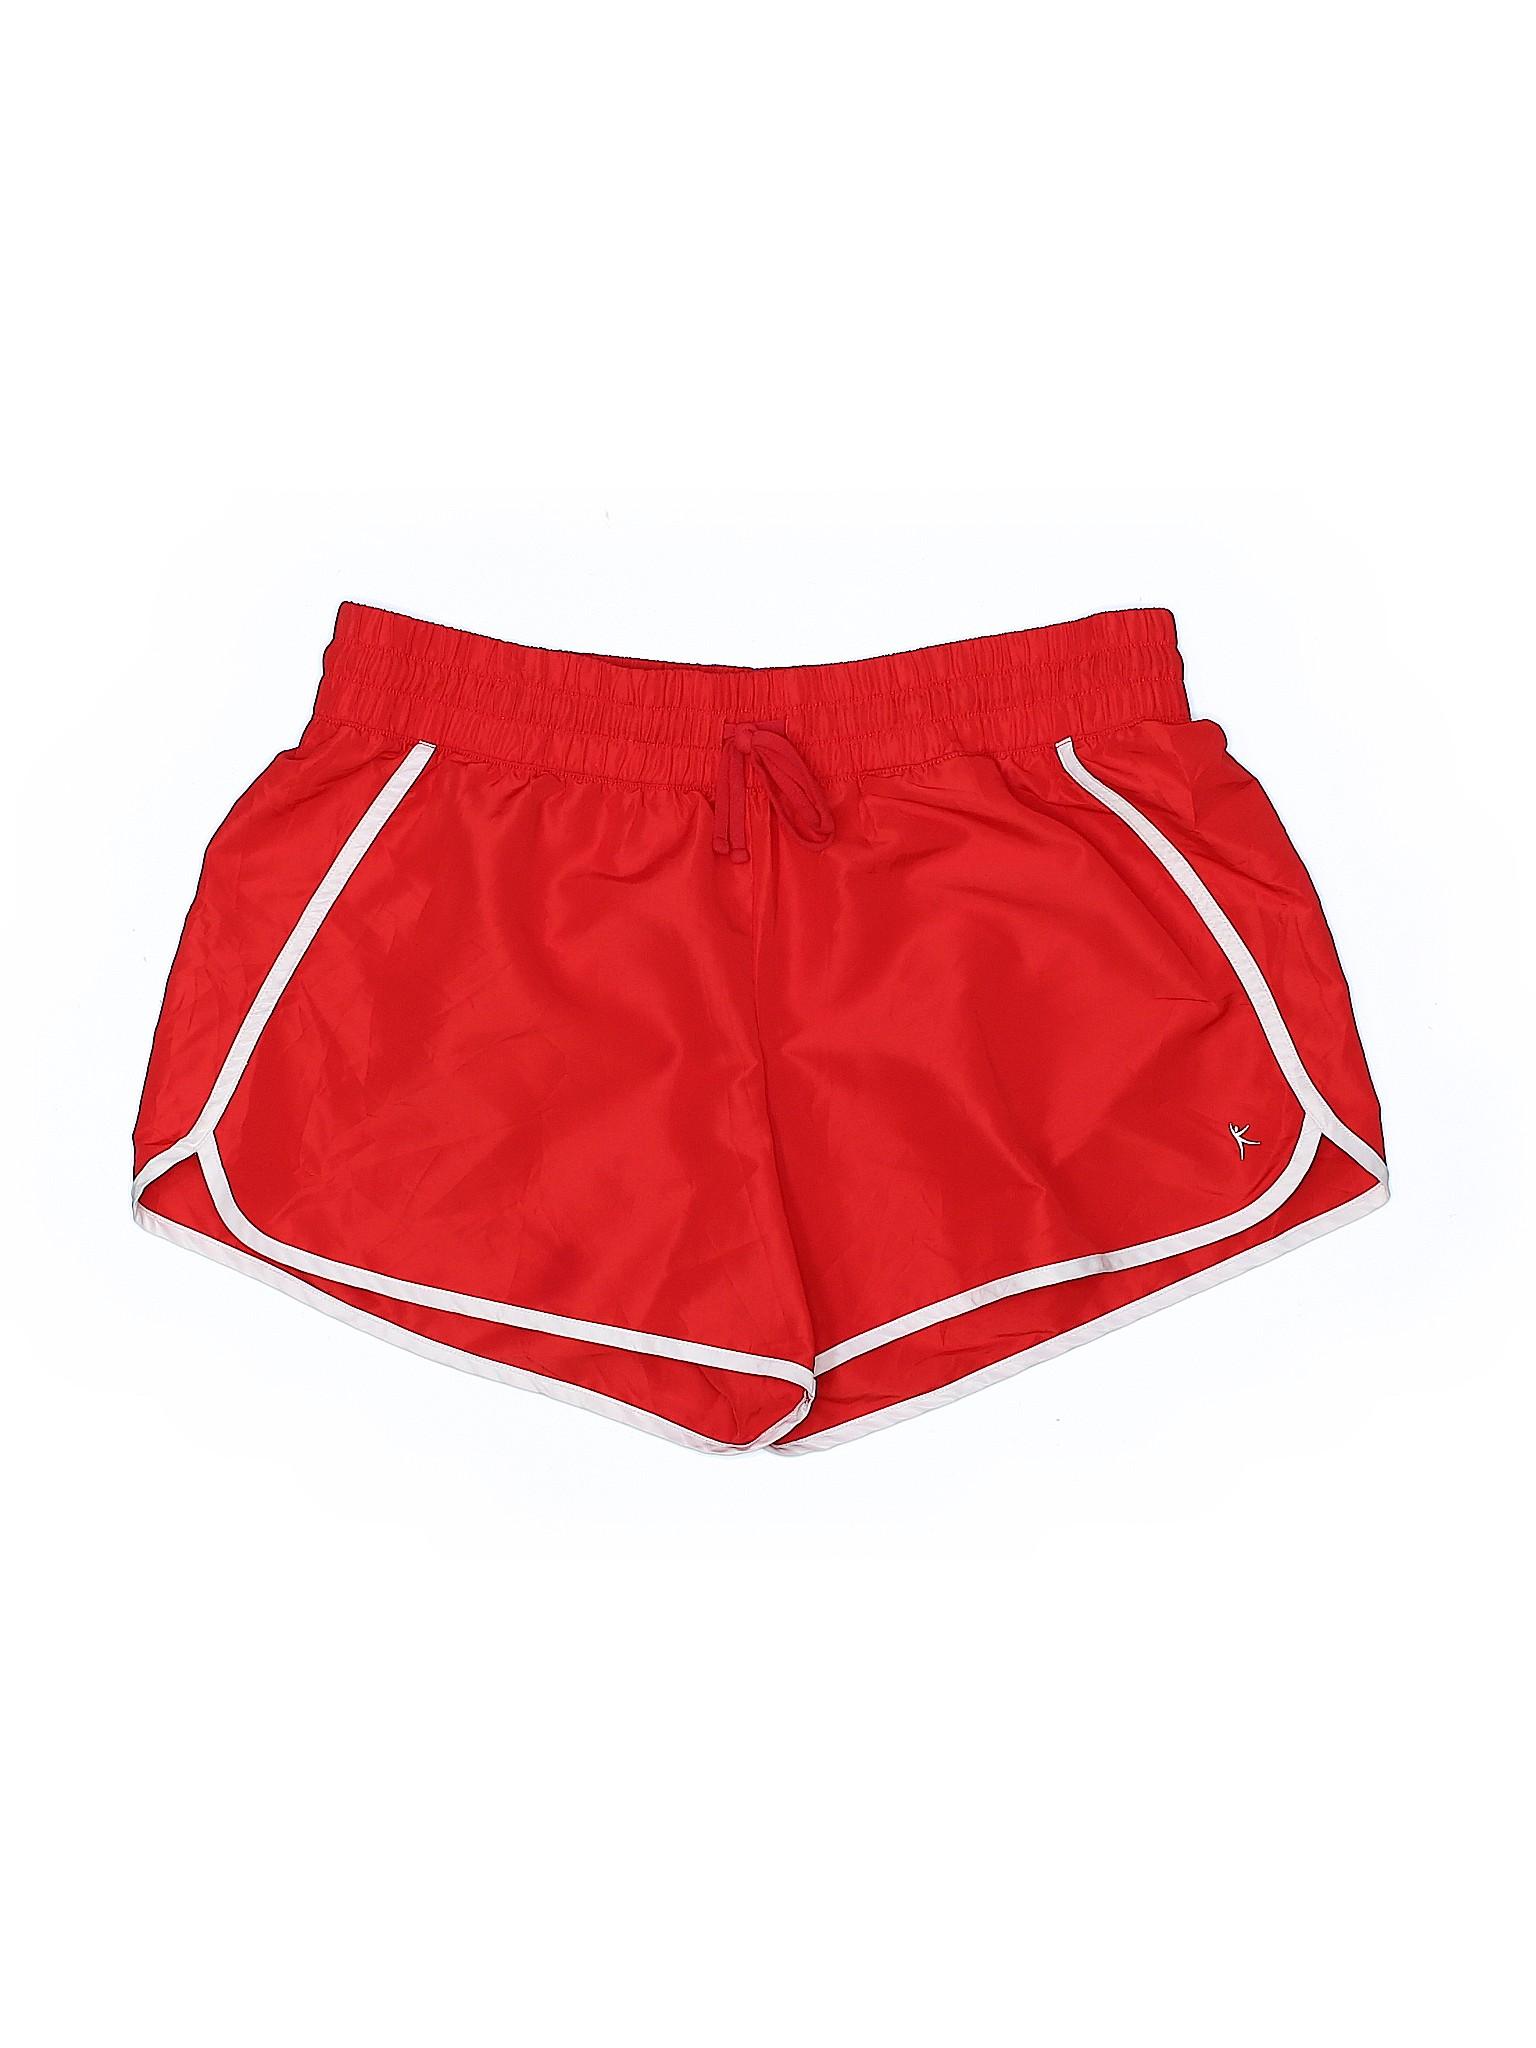 Shorts Boutique Athletic Danskin Boutique Danskin Now Boutique Shorts Danskin Now Athletic Now Athletic Shorts Danskin Boutique ZxTqAq4w